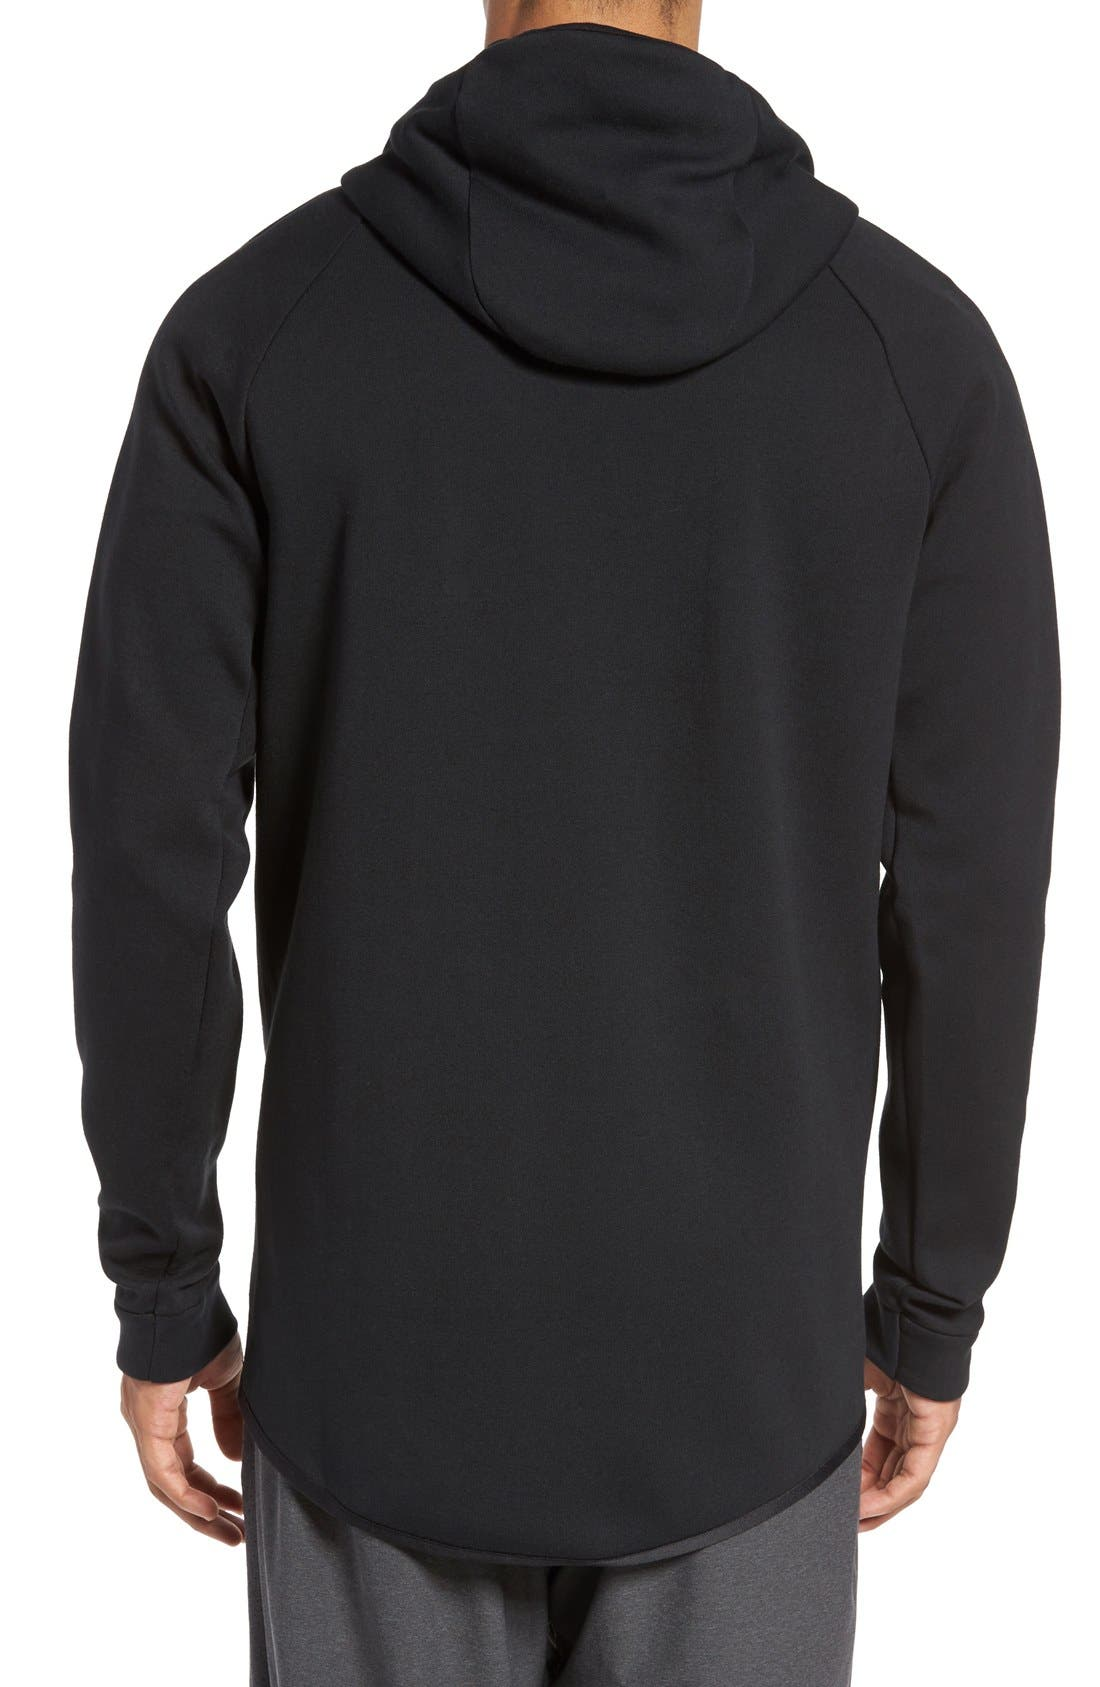 'Windrunner' Tech Fleece Hoodie,                             Alternate thumbnail 3, color,                             BLACK/ BLACK